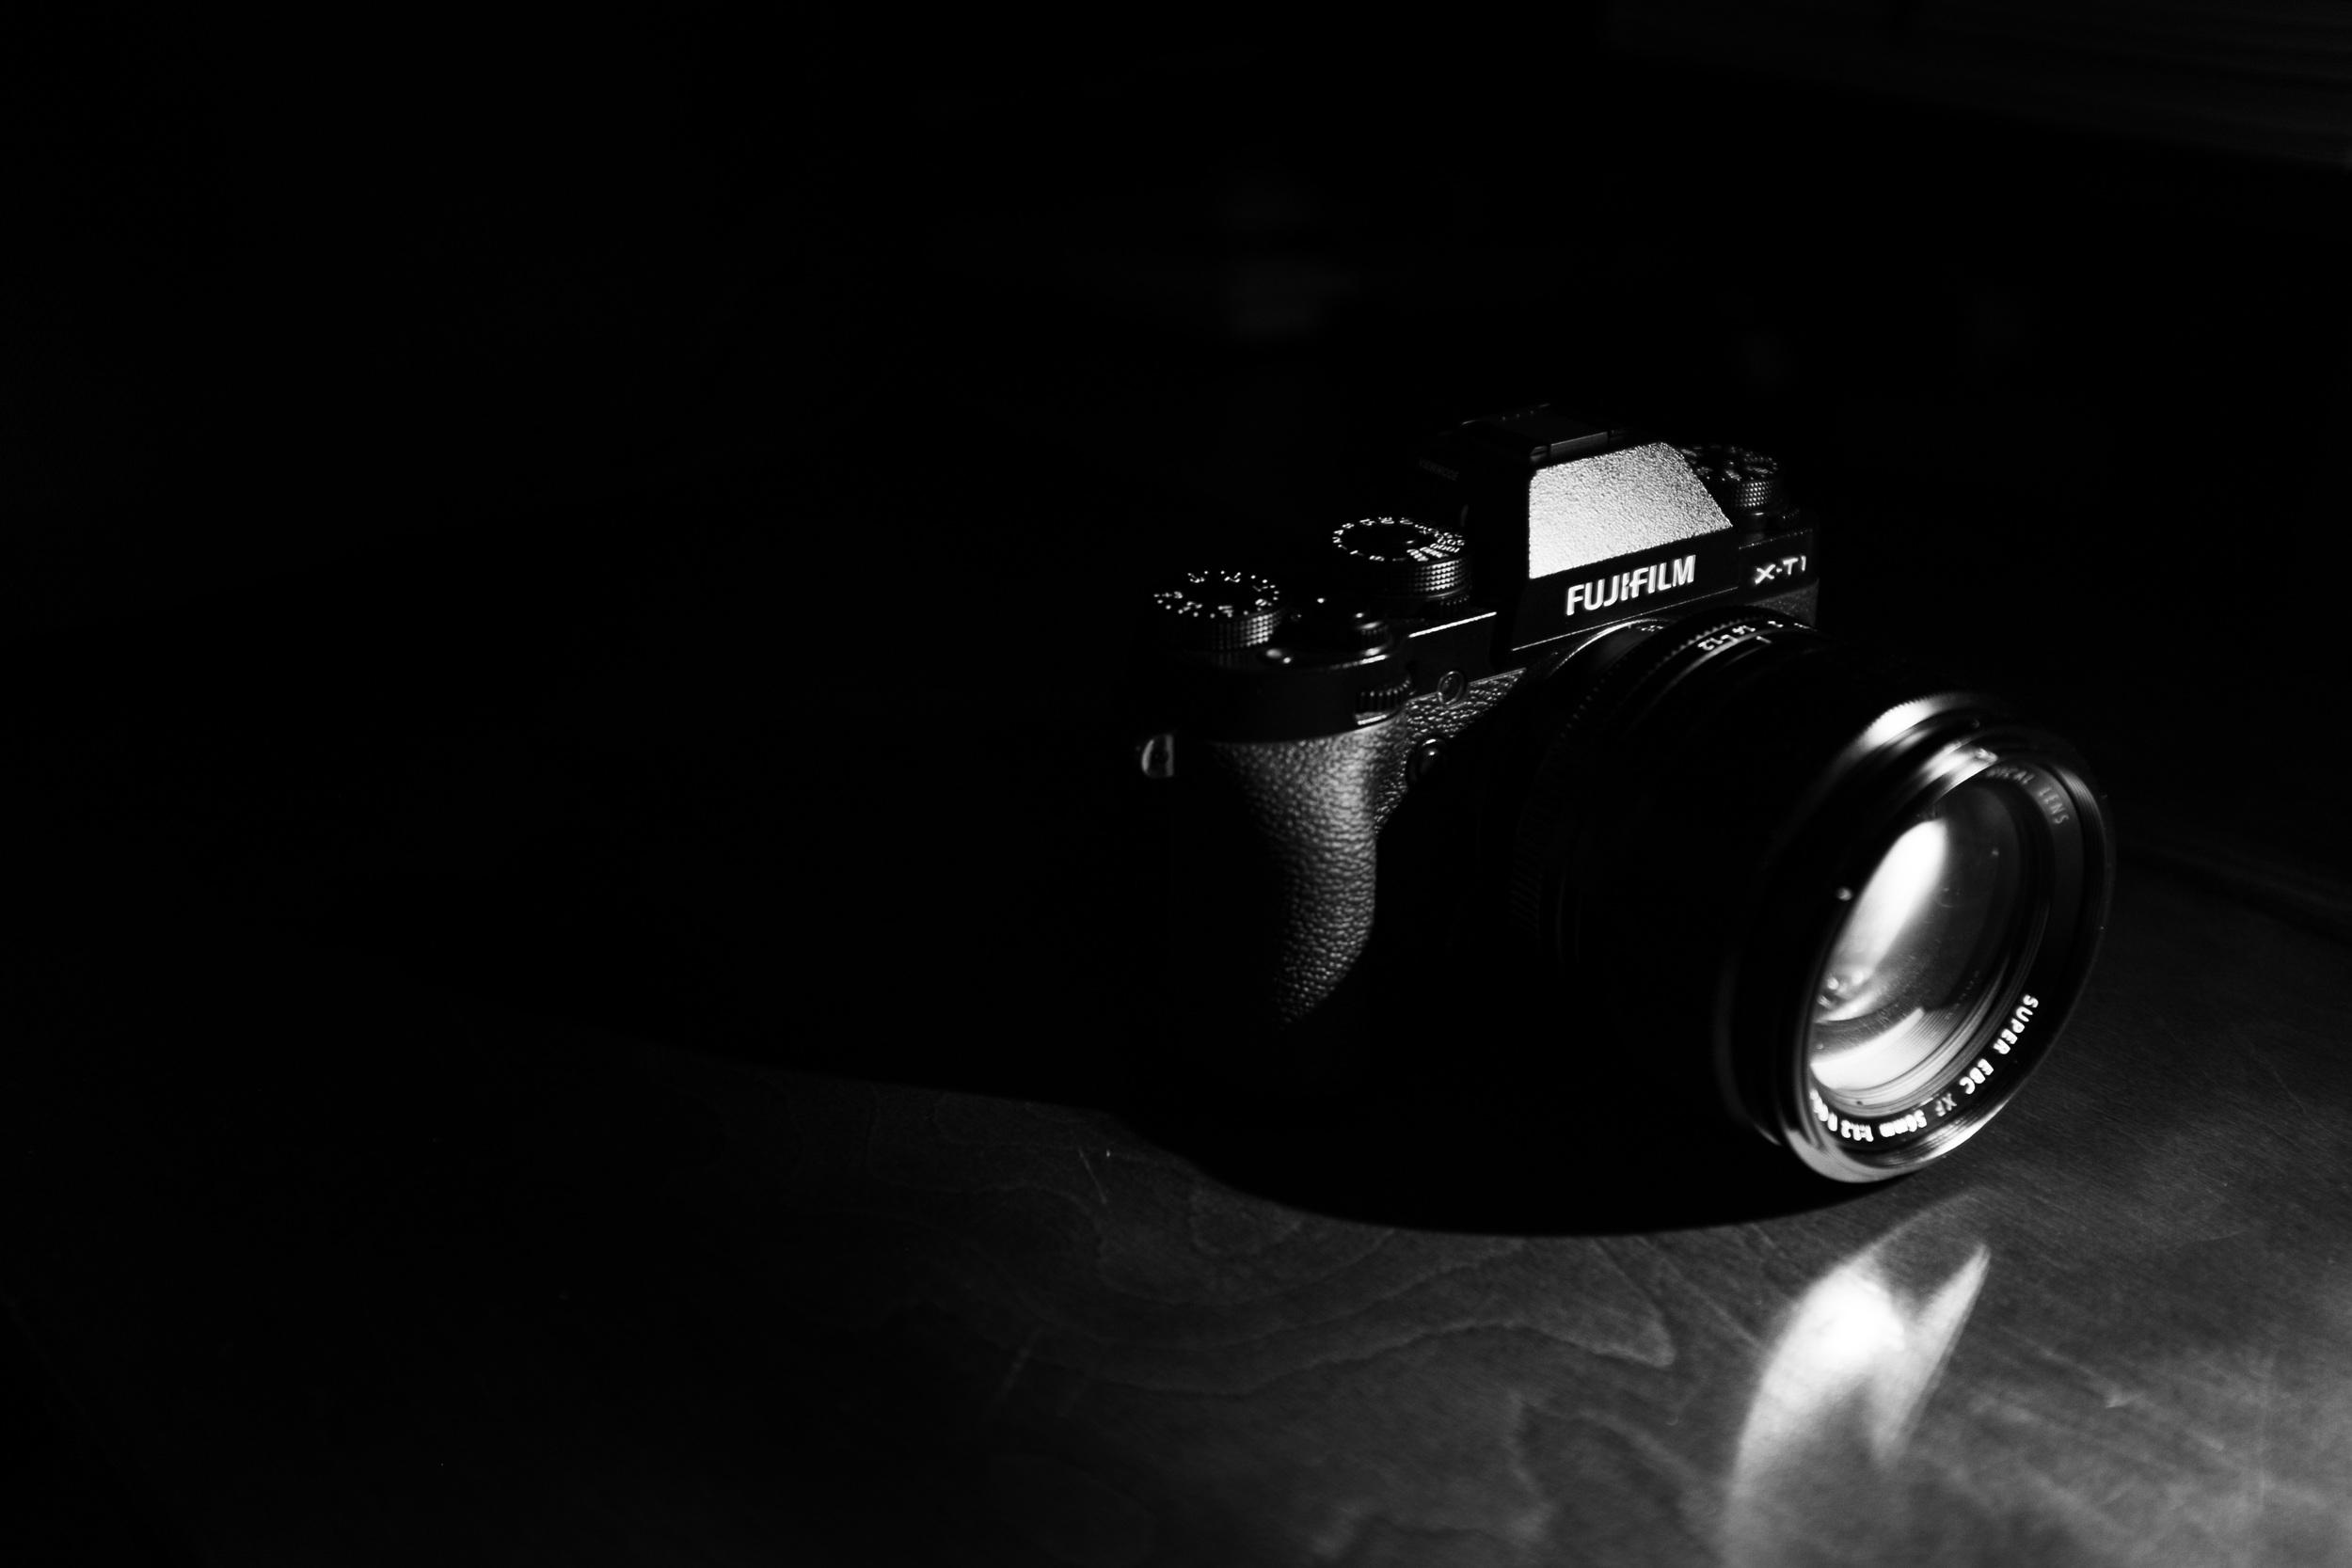 Fuji XT1, Photo by W Neder